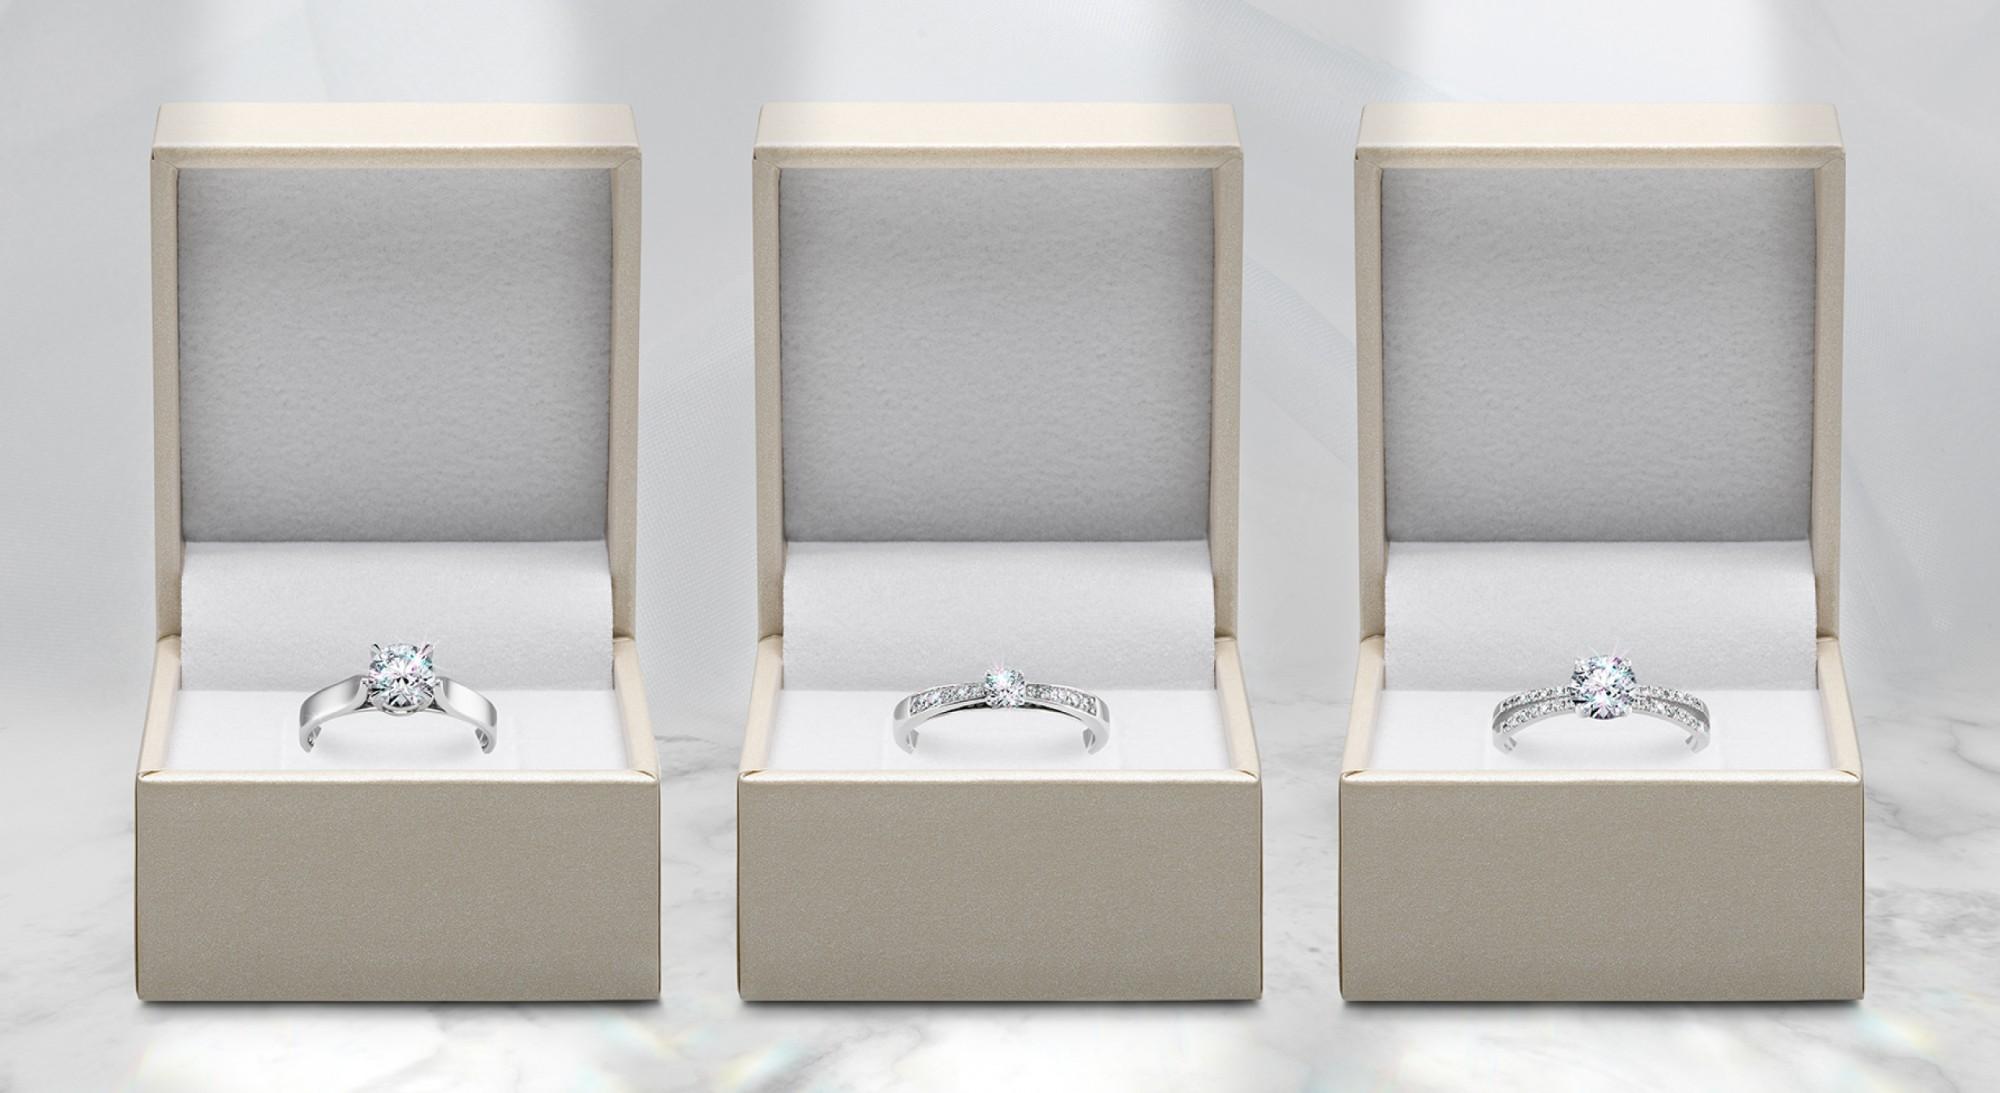 4 passos para acertar na escolha do anel de noivado